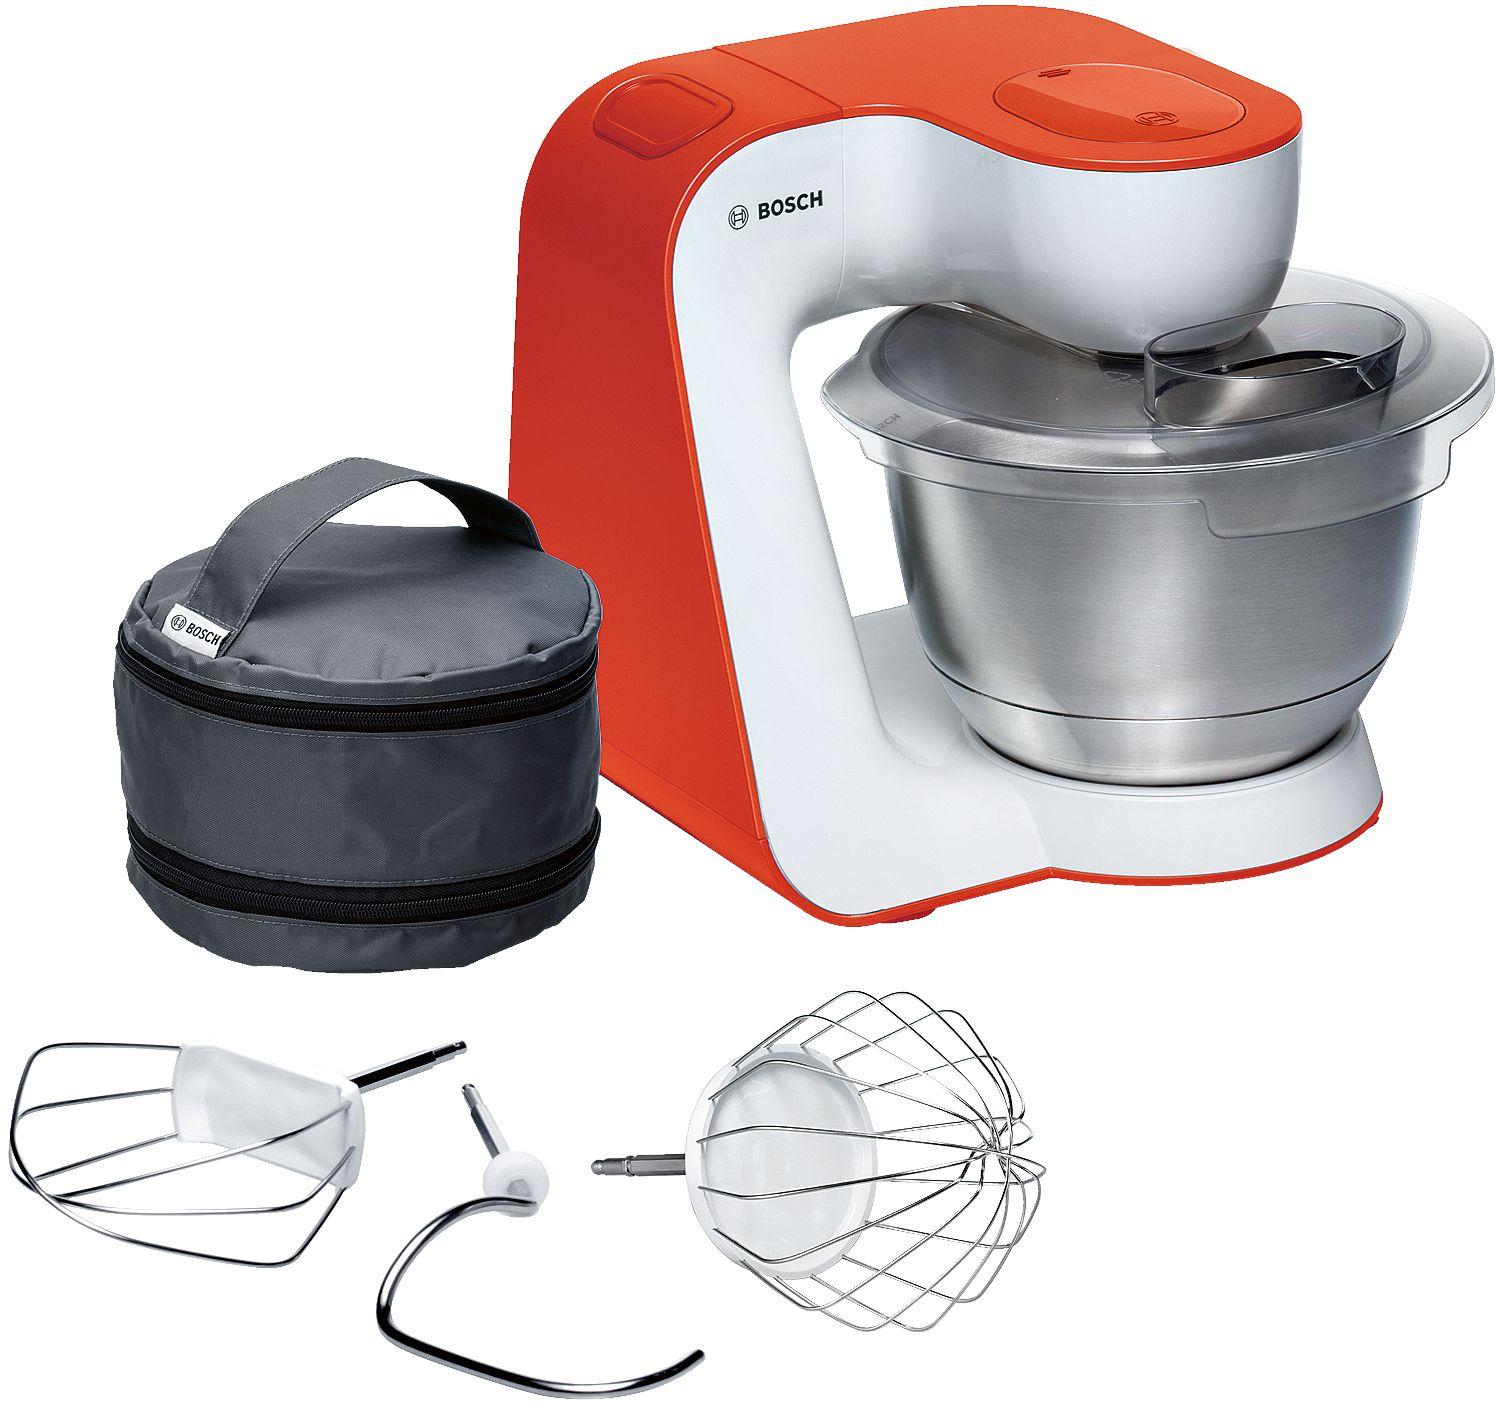 Bosch StartLine Home Kitchen Mixer White & Orange 900W